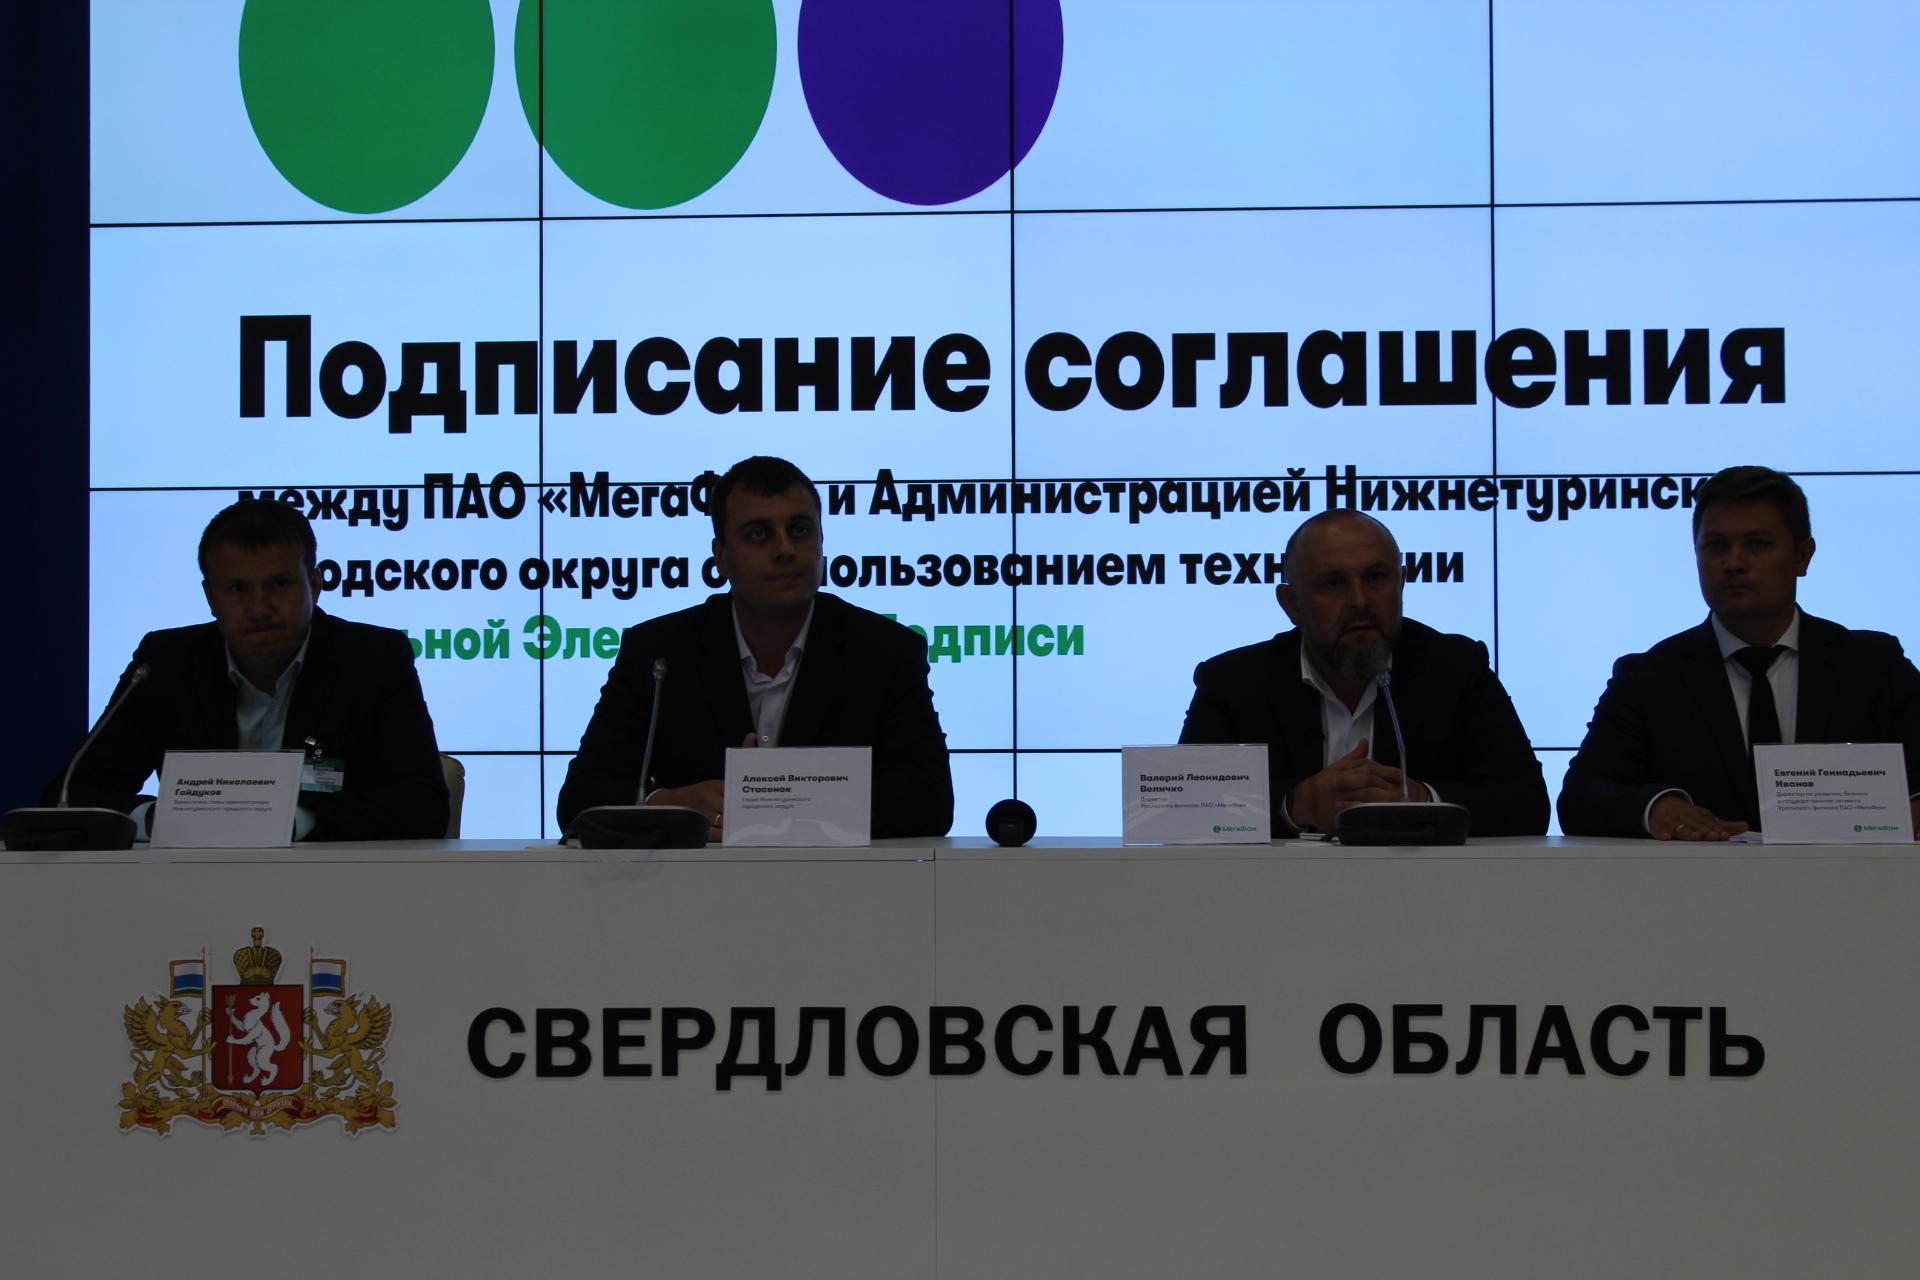 Подписано соглашение о внедрении «умных» технологий в Нижней Туре